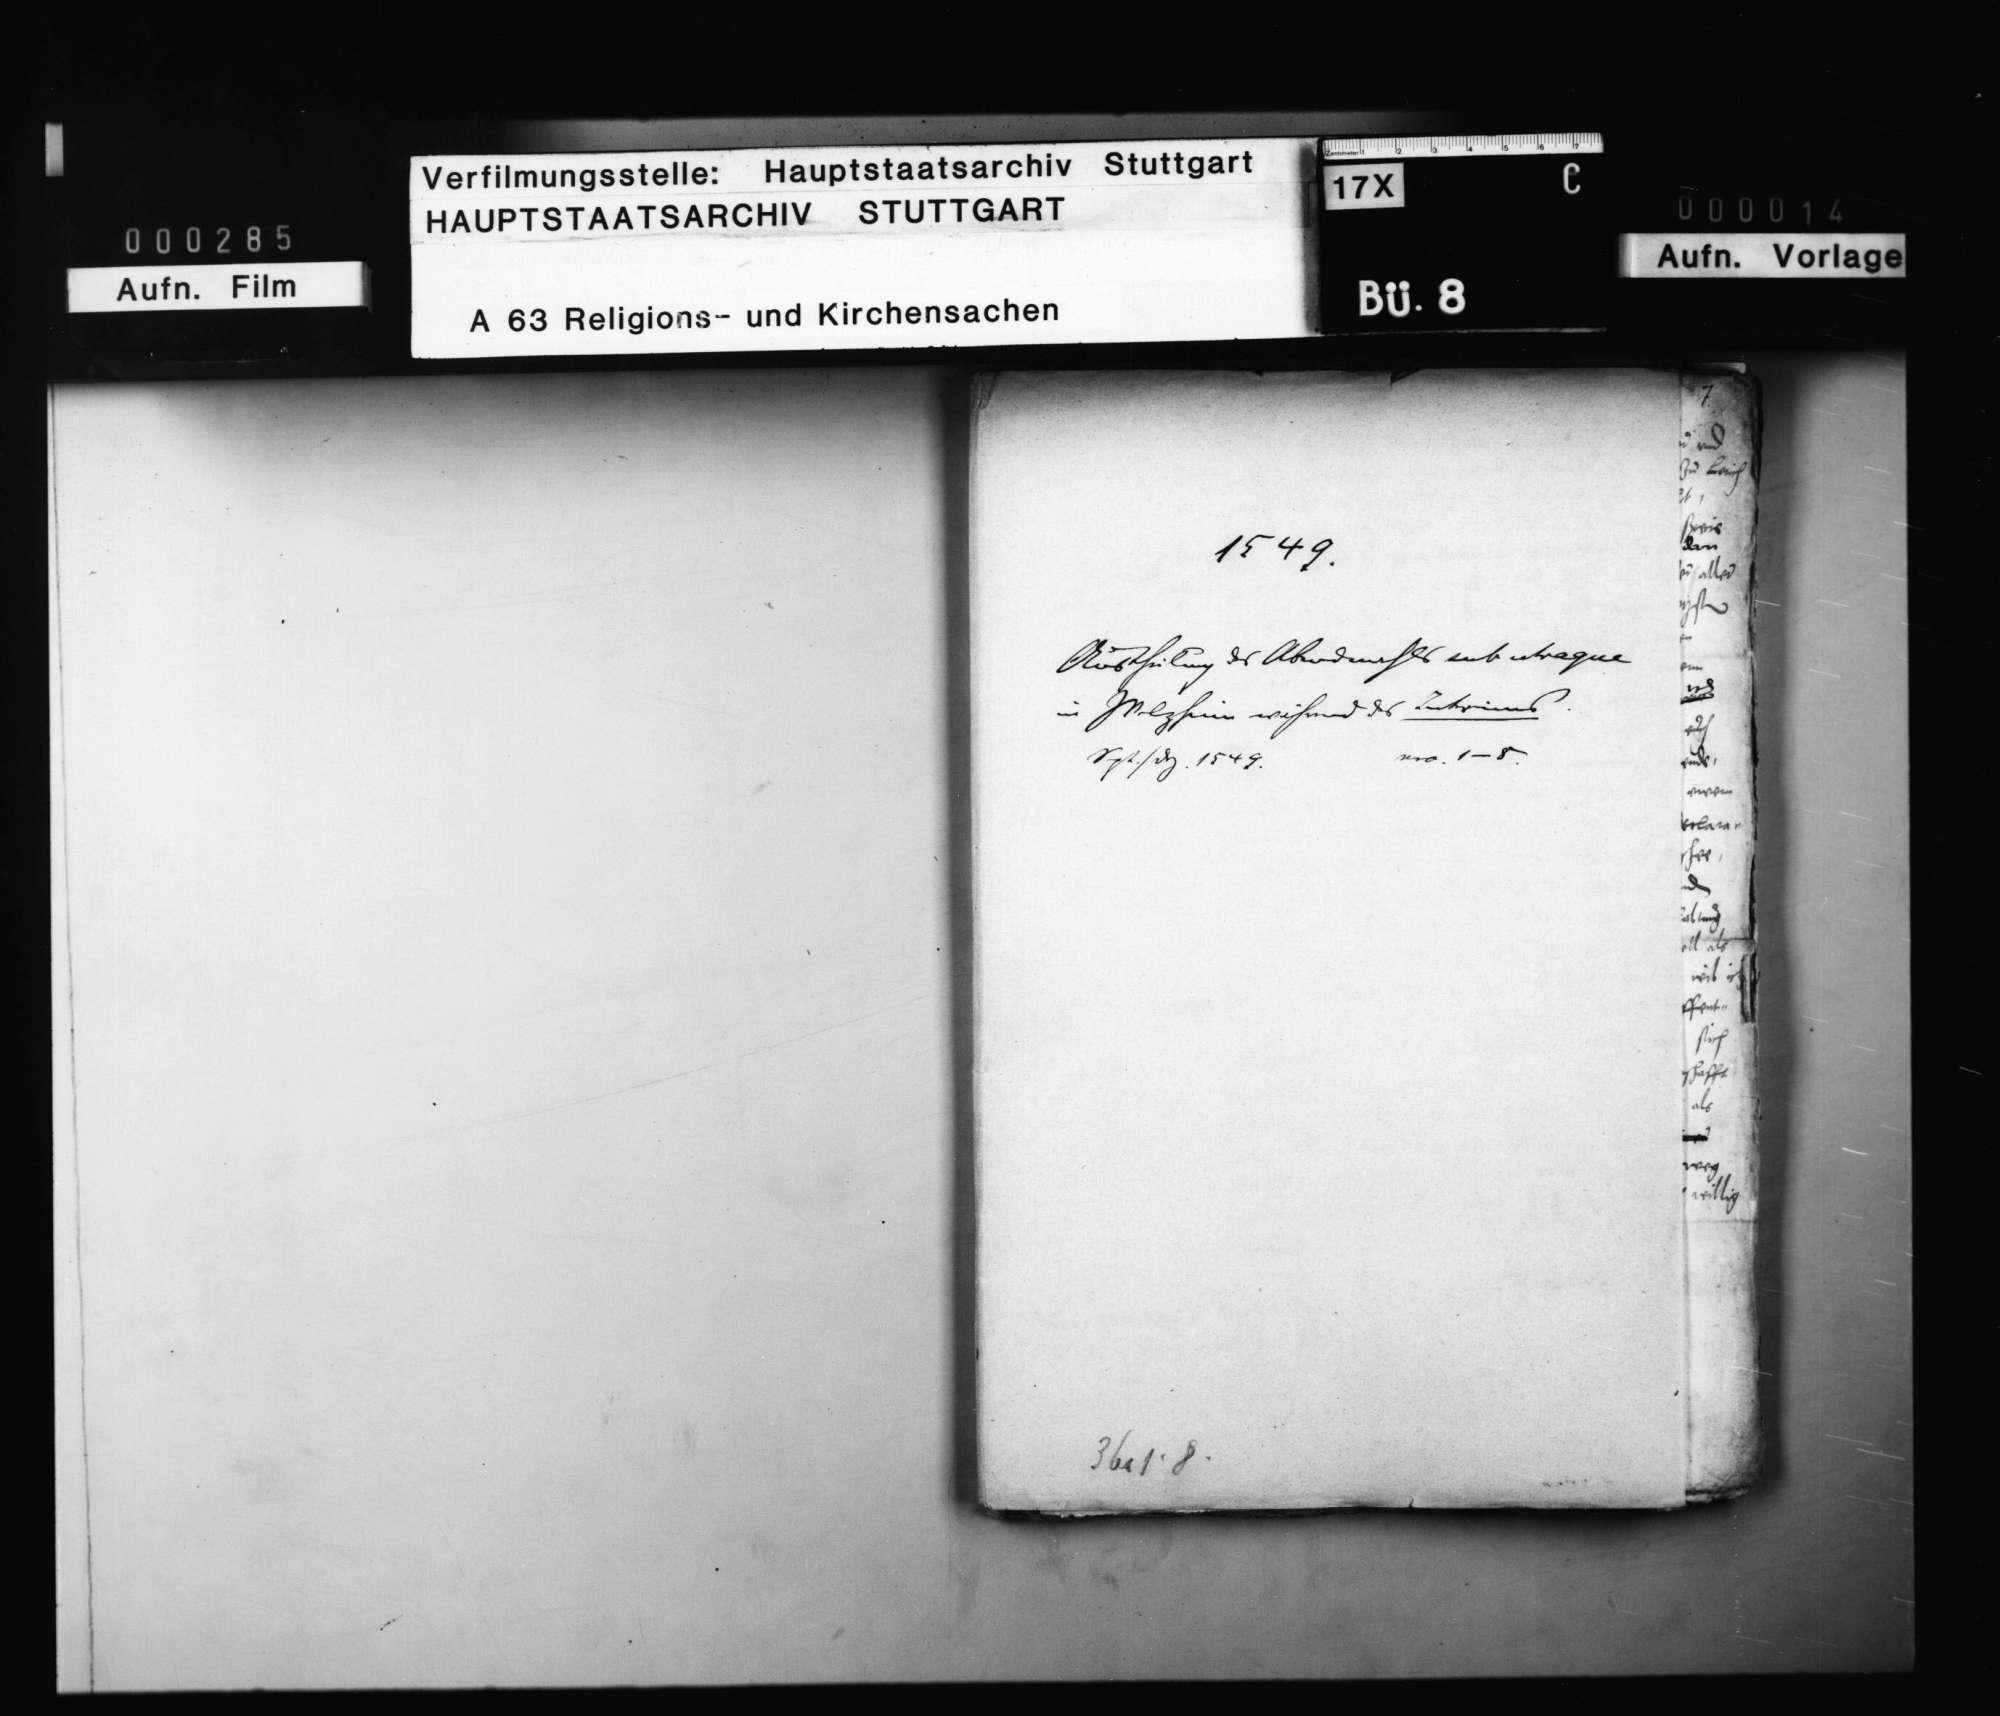 Schriften, betreffend die Austeilung des Abendmahls sub utraque forma in Welzheim während des Interims., Bild 1